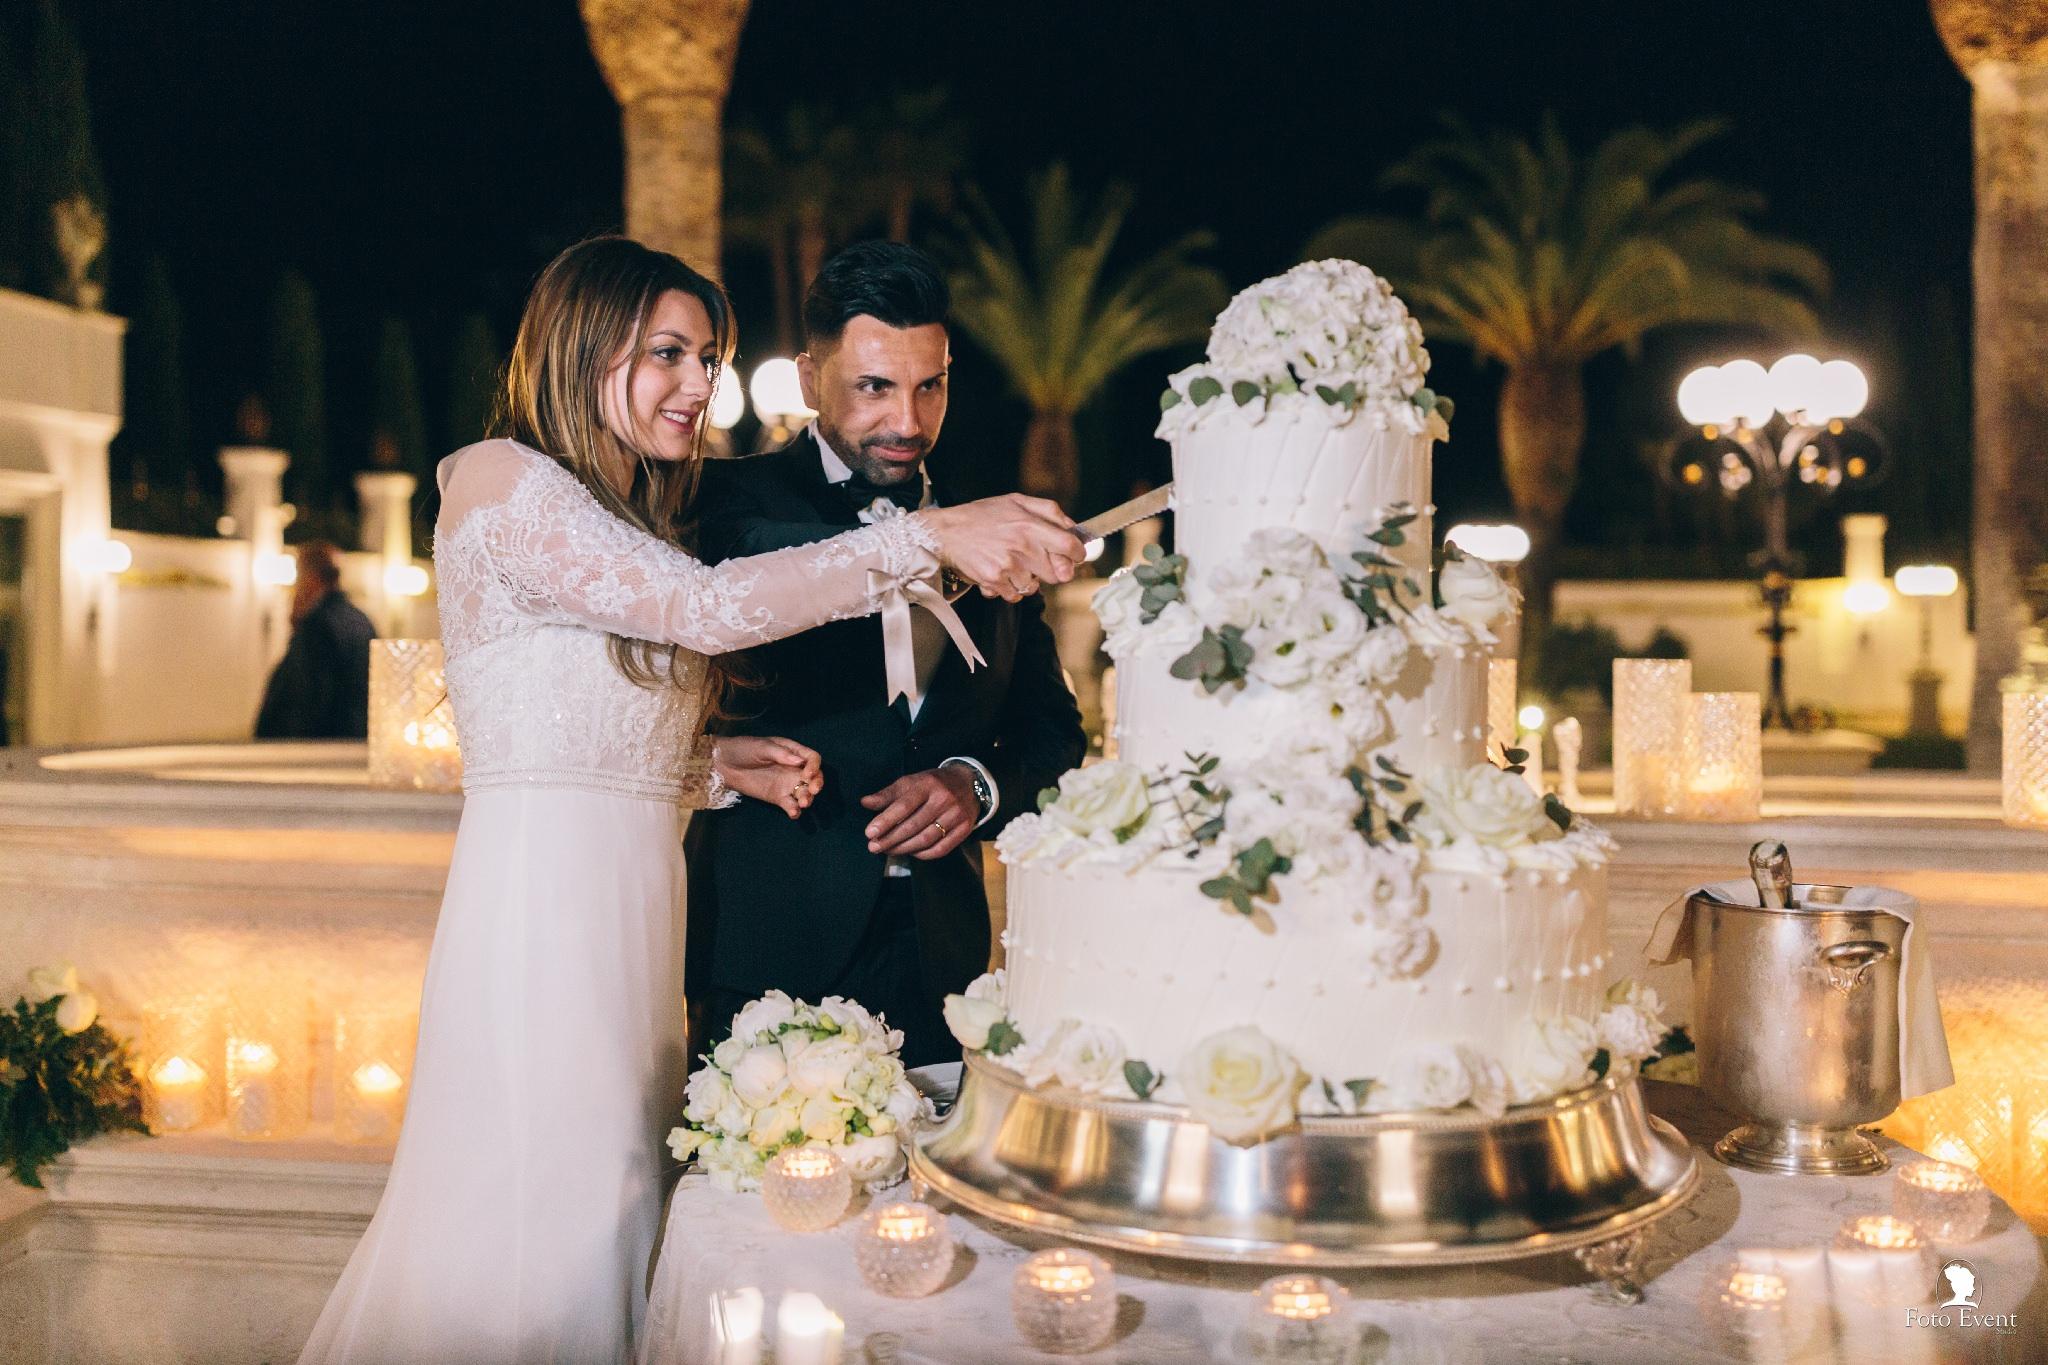 694-2019-05-09-Matrimonio-Maria-Concetta-e-Daniel-Gebbia-35mm-835